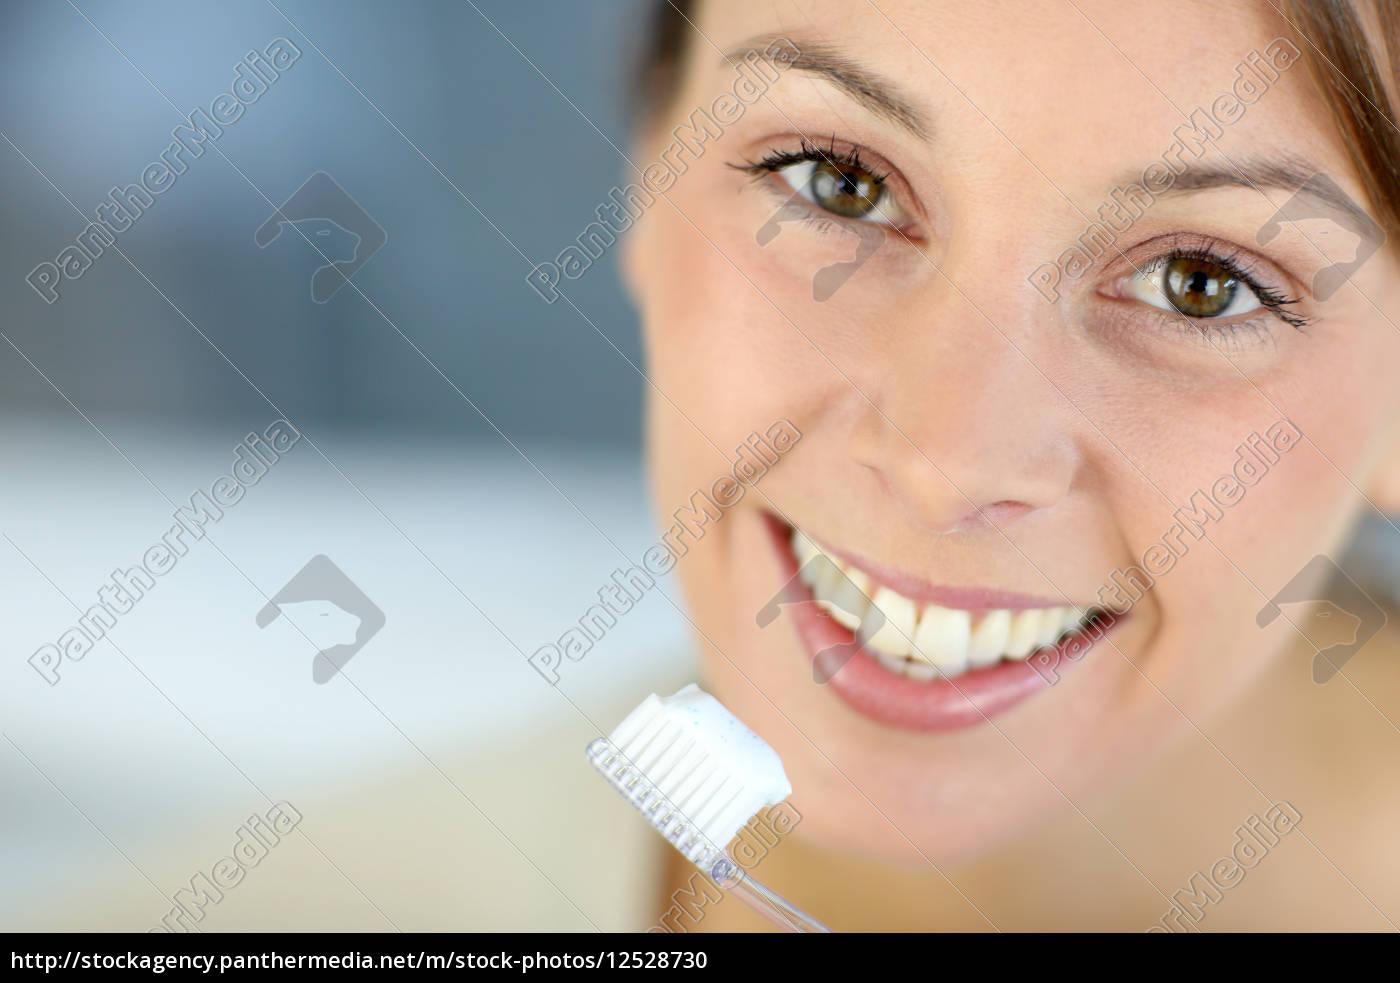 primo, piano, sul, sorriso, dentaso, della - 12528730